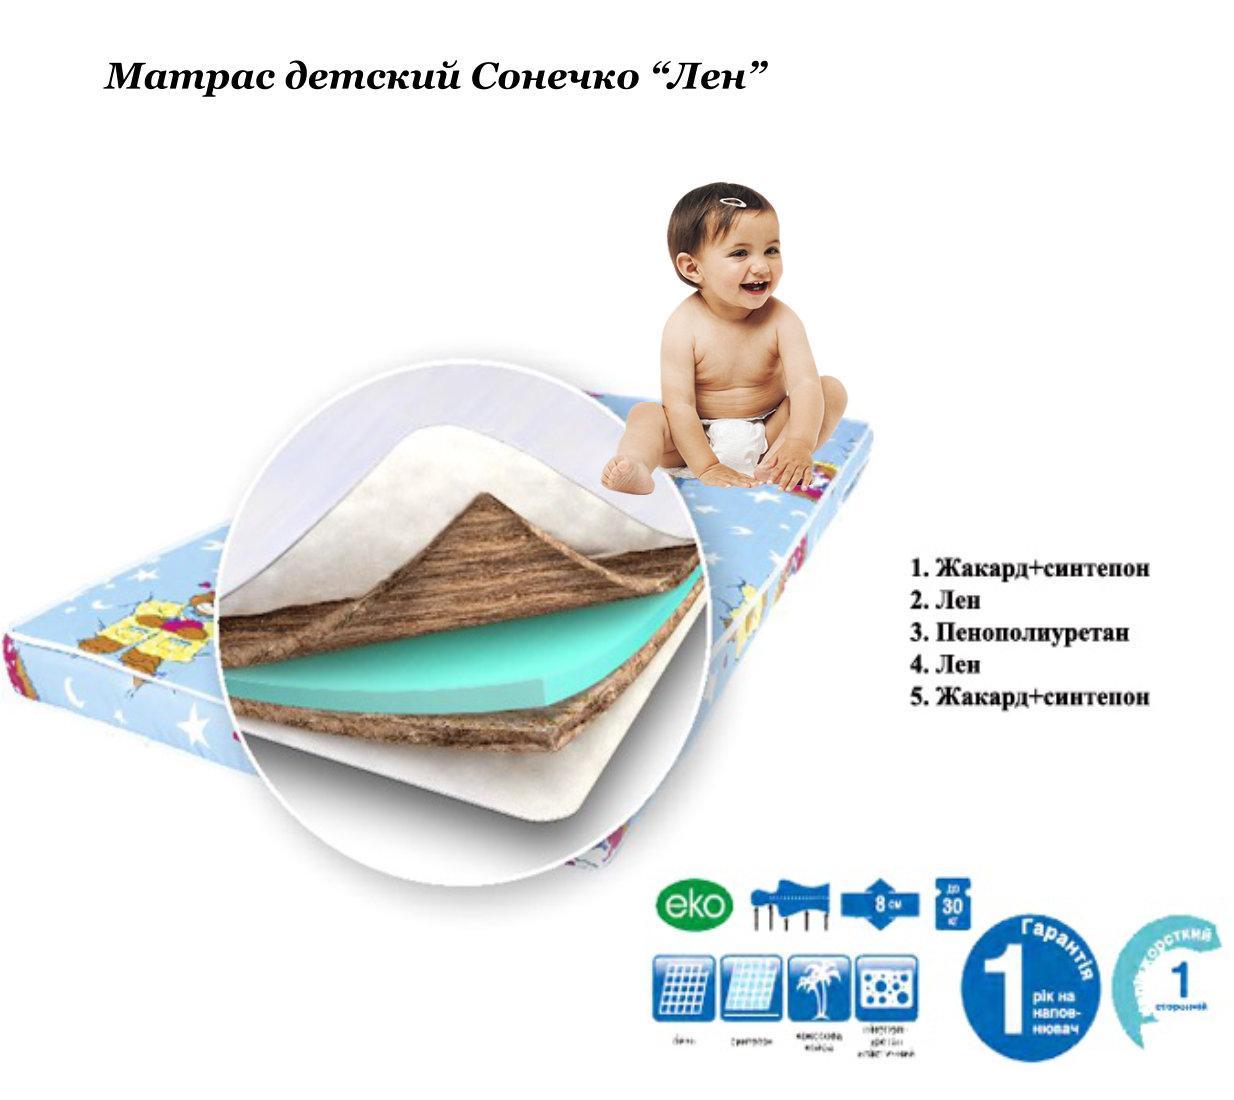 Матрас детский Сонечко лен